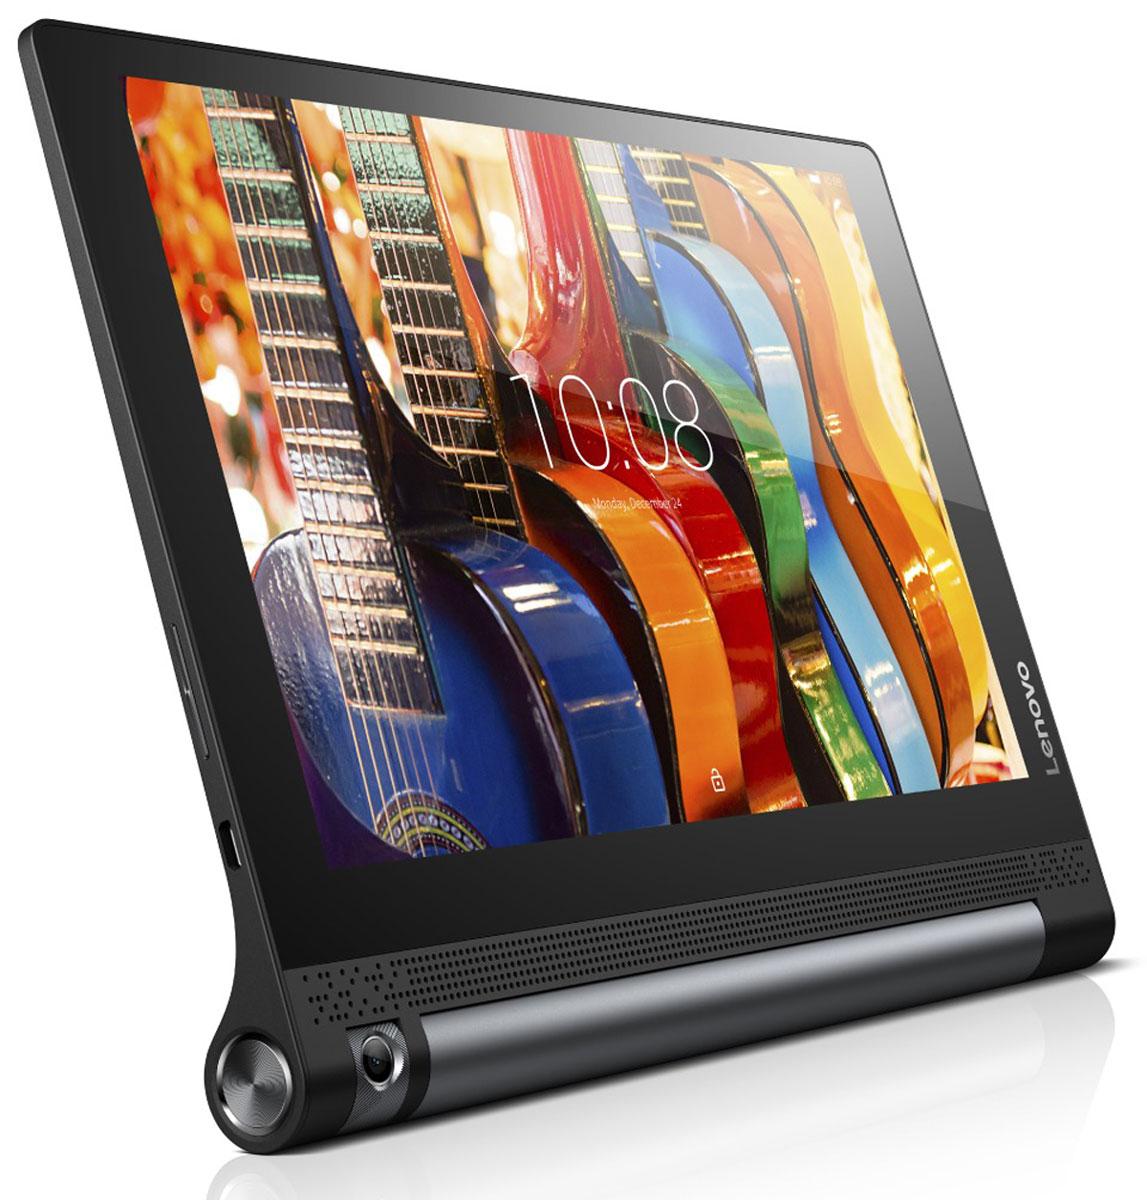 LenovoYoga Tablet 3 10 LTE, Black (ZA0K0006RU)ZA0K0006RUПросматривайте рецепты, когда готовите, проверяйте новости в социальных сетях во время обеда и смотрите фильмы во время тренировок. В инновационной конструкции планшета Yoga Tablet 3 10 цилиндрический аккумуляторный блок и подставка расположены сбоку устройства, благодаря чему центр тяжести смещен и устройство можно использовать в различных режимах: книга, клавиатура, консоль и картина.Потрясающий дисплей:HD-разрешение экрана планшета YOGA Tab 3 10 превращает его в идеального помощника для игр и веб-серфинга. Невероятная яркость обеспечивает отличное качество изображения под любым углом просмотра и при любом освещении. Изображение в играх четкое, а видео просто приятно смотреть.Аудио с эффектом присутствия:YOGA Tab 3 10 обеспечивает насыщенный объемный звук уровня домашнего кинотеатра, которым не может похвастаться ни один планшет. Два встроенных фронтальных динамика дарят мощное объемное звучание благодаря поддержке технологии Dolby Atmos. Громкий, чистый и живой звук — даже без наушников!Поворотная камера:Попробуйте новые возможности для съемки чудесных фотографий или общения по Skype c новой восьмимегапиксельной камерой планшета YOGA Tab 3 10, способной поворачиваться на 180 градусов и обеспечивающей высокую четкость изображений. Система контроля жестами позволит вам принять нужную позу и сделать снимок, просто взмахнув рукой.Рекордное время работы от аккумулятора:YOGA Tab 3 10 работает все дольше благодаря аккумулятору, бьющему все рекорды времени автономной работы. С возможностью работы до 18 часов без подзарядки вы сможете посмотреть два сезона вашего любимого сериала от начала и до конца.Технология AnyPen:Технология Lenovo AnyPen определяет любое токопроводящее устройство в качестве стилуса. Это очень удобно, когда вы используете планшет для записи заметок, зарисовок или просто не хотите пачкать экран грязными руками!Превосходные средства коммуникации:YOGA Tab 3 10 обеспечивает поддержку высокоскоростных